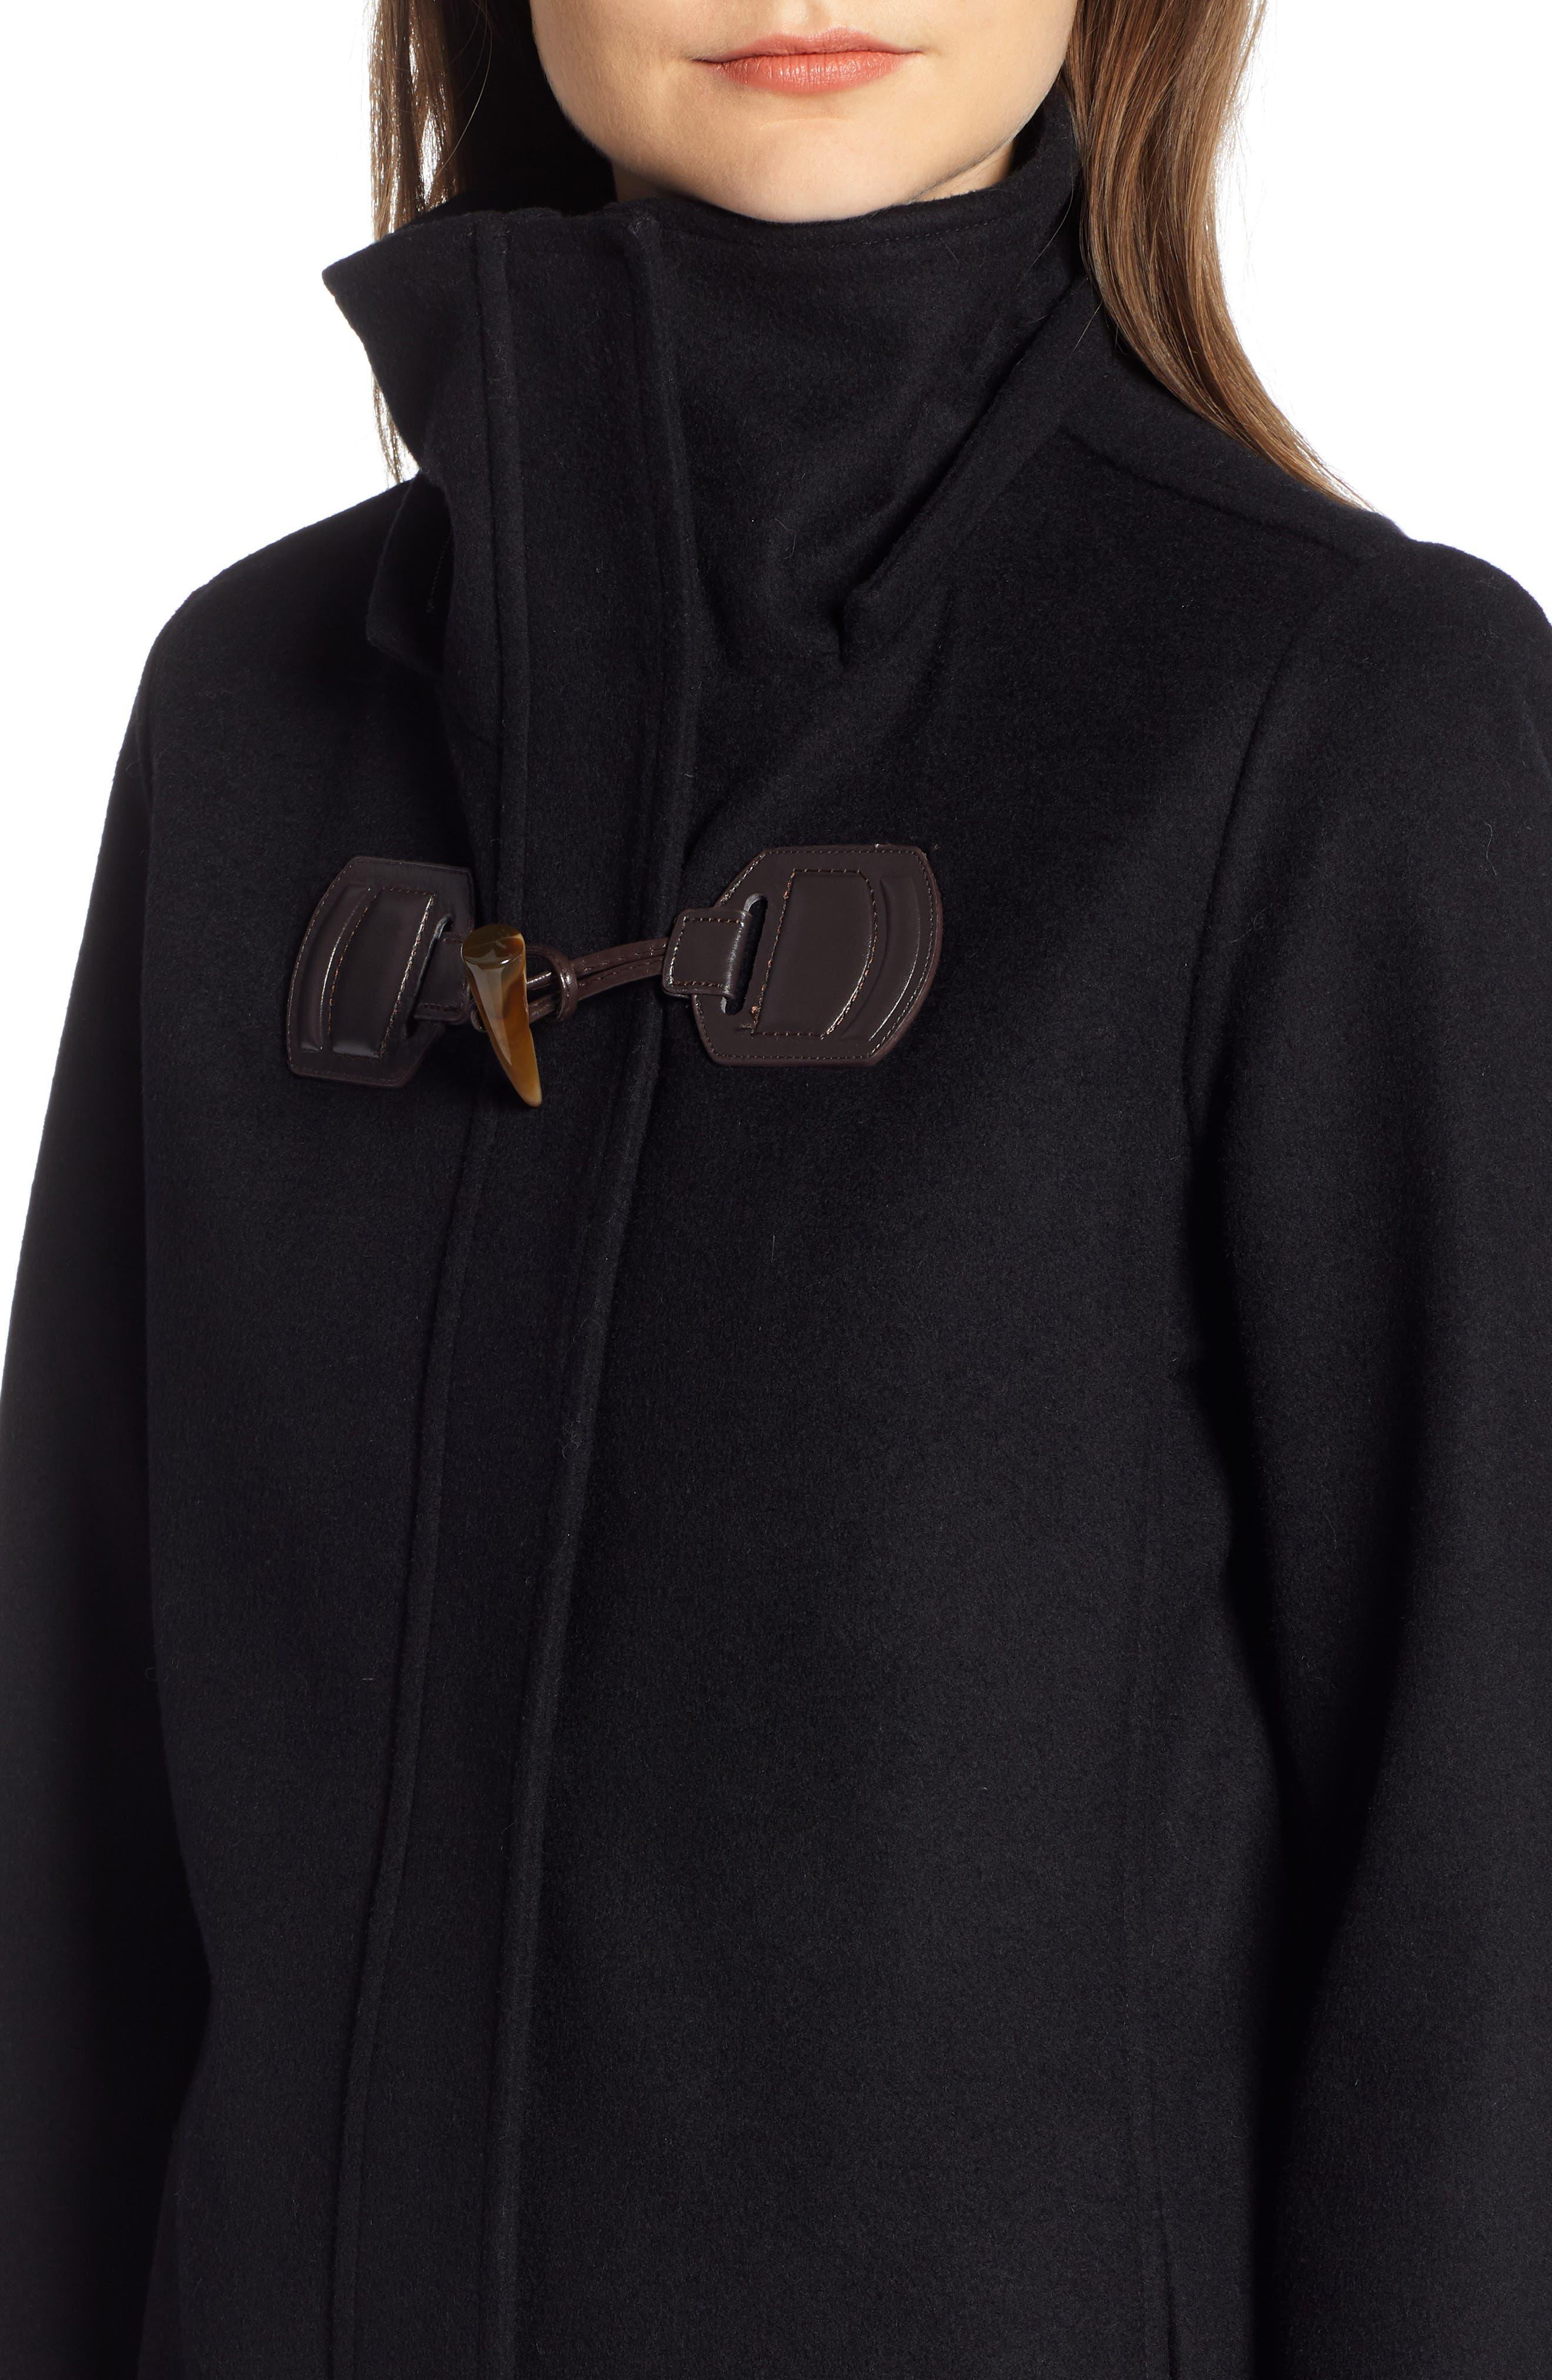 St Marie Wool Hooded Coat with Genuine Raccoon Fur Trim,                             Alternate thumbnail 4, color,                             BLACK